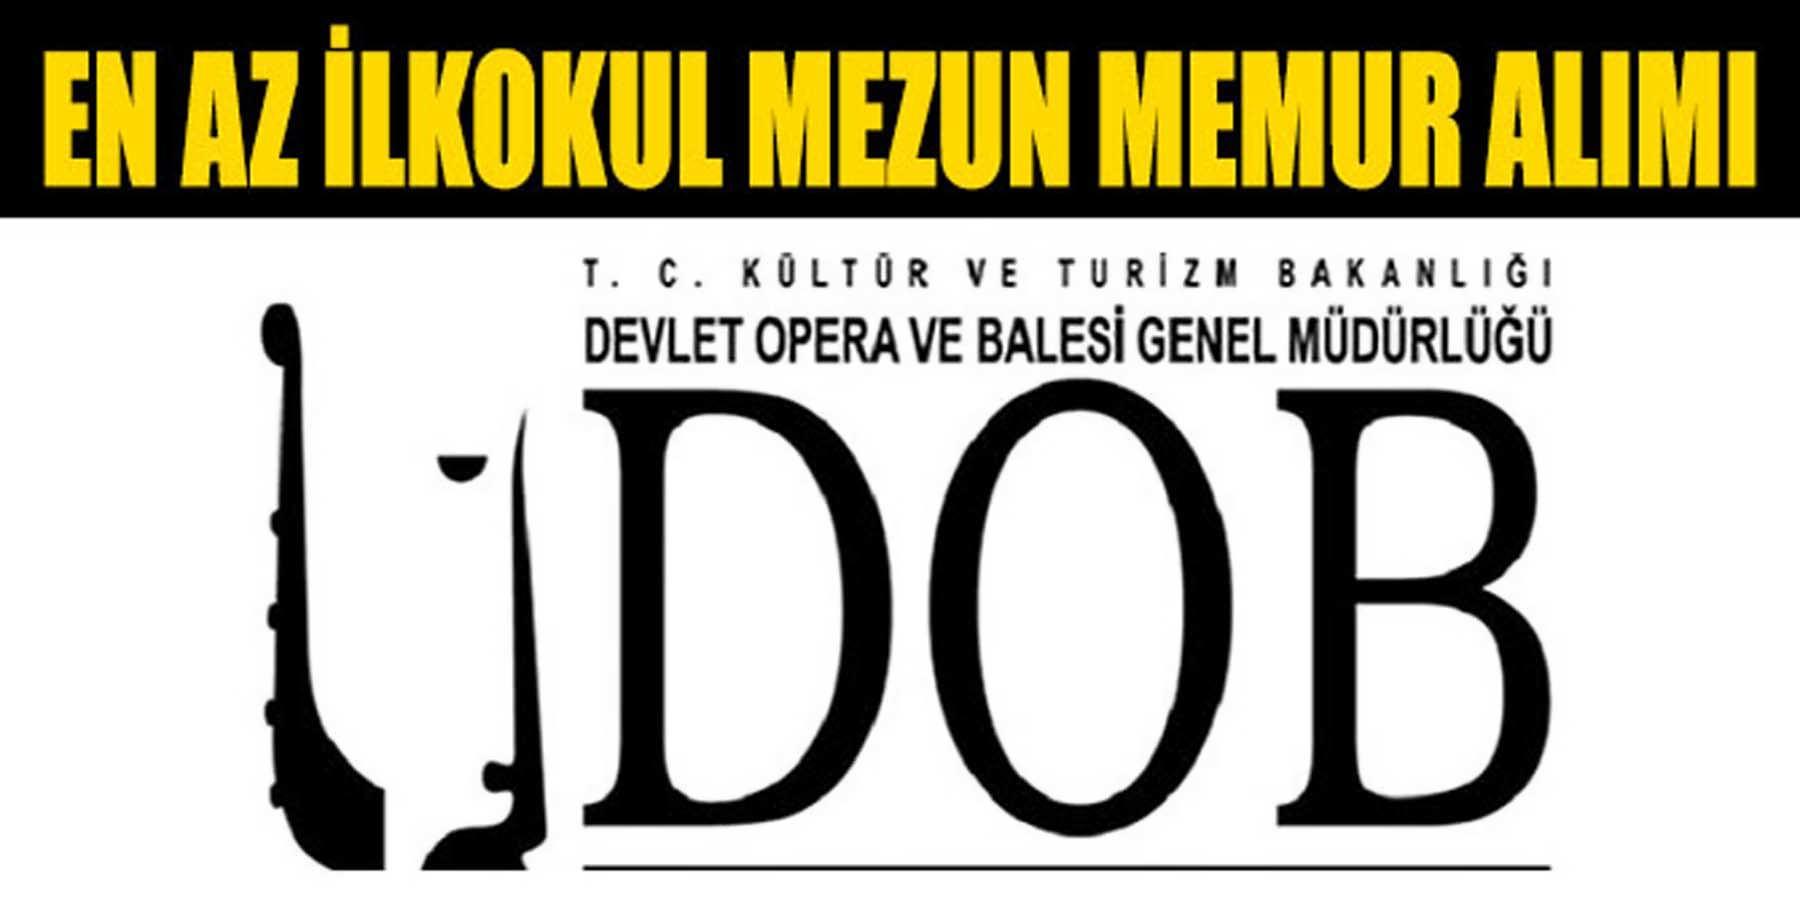 Devlet Opera ve Bale En az İlkokul Mezun Kamu Personel Alıyor